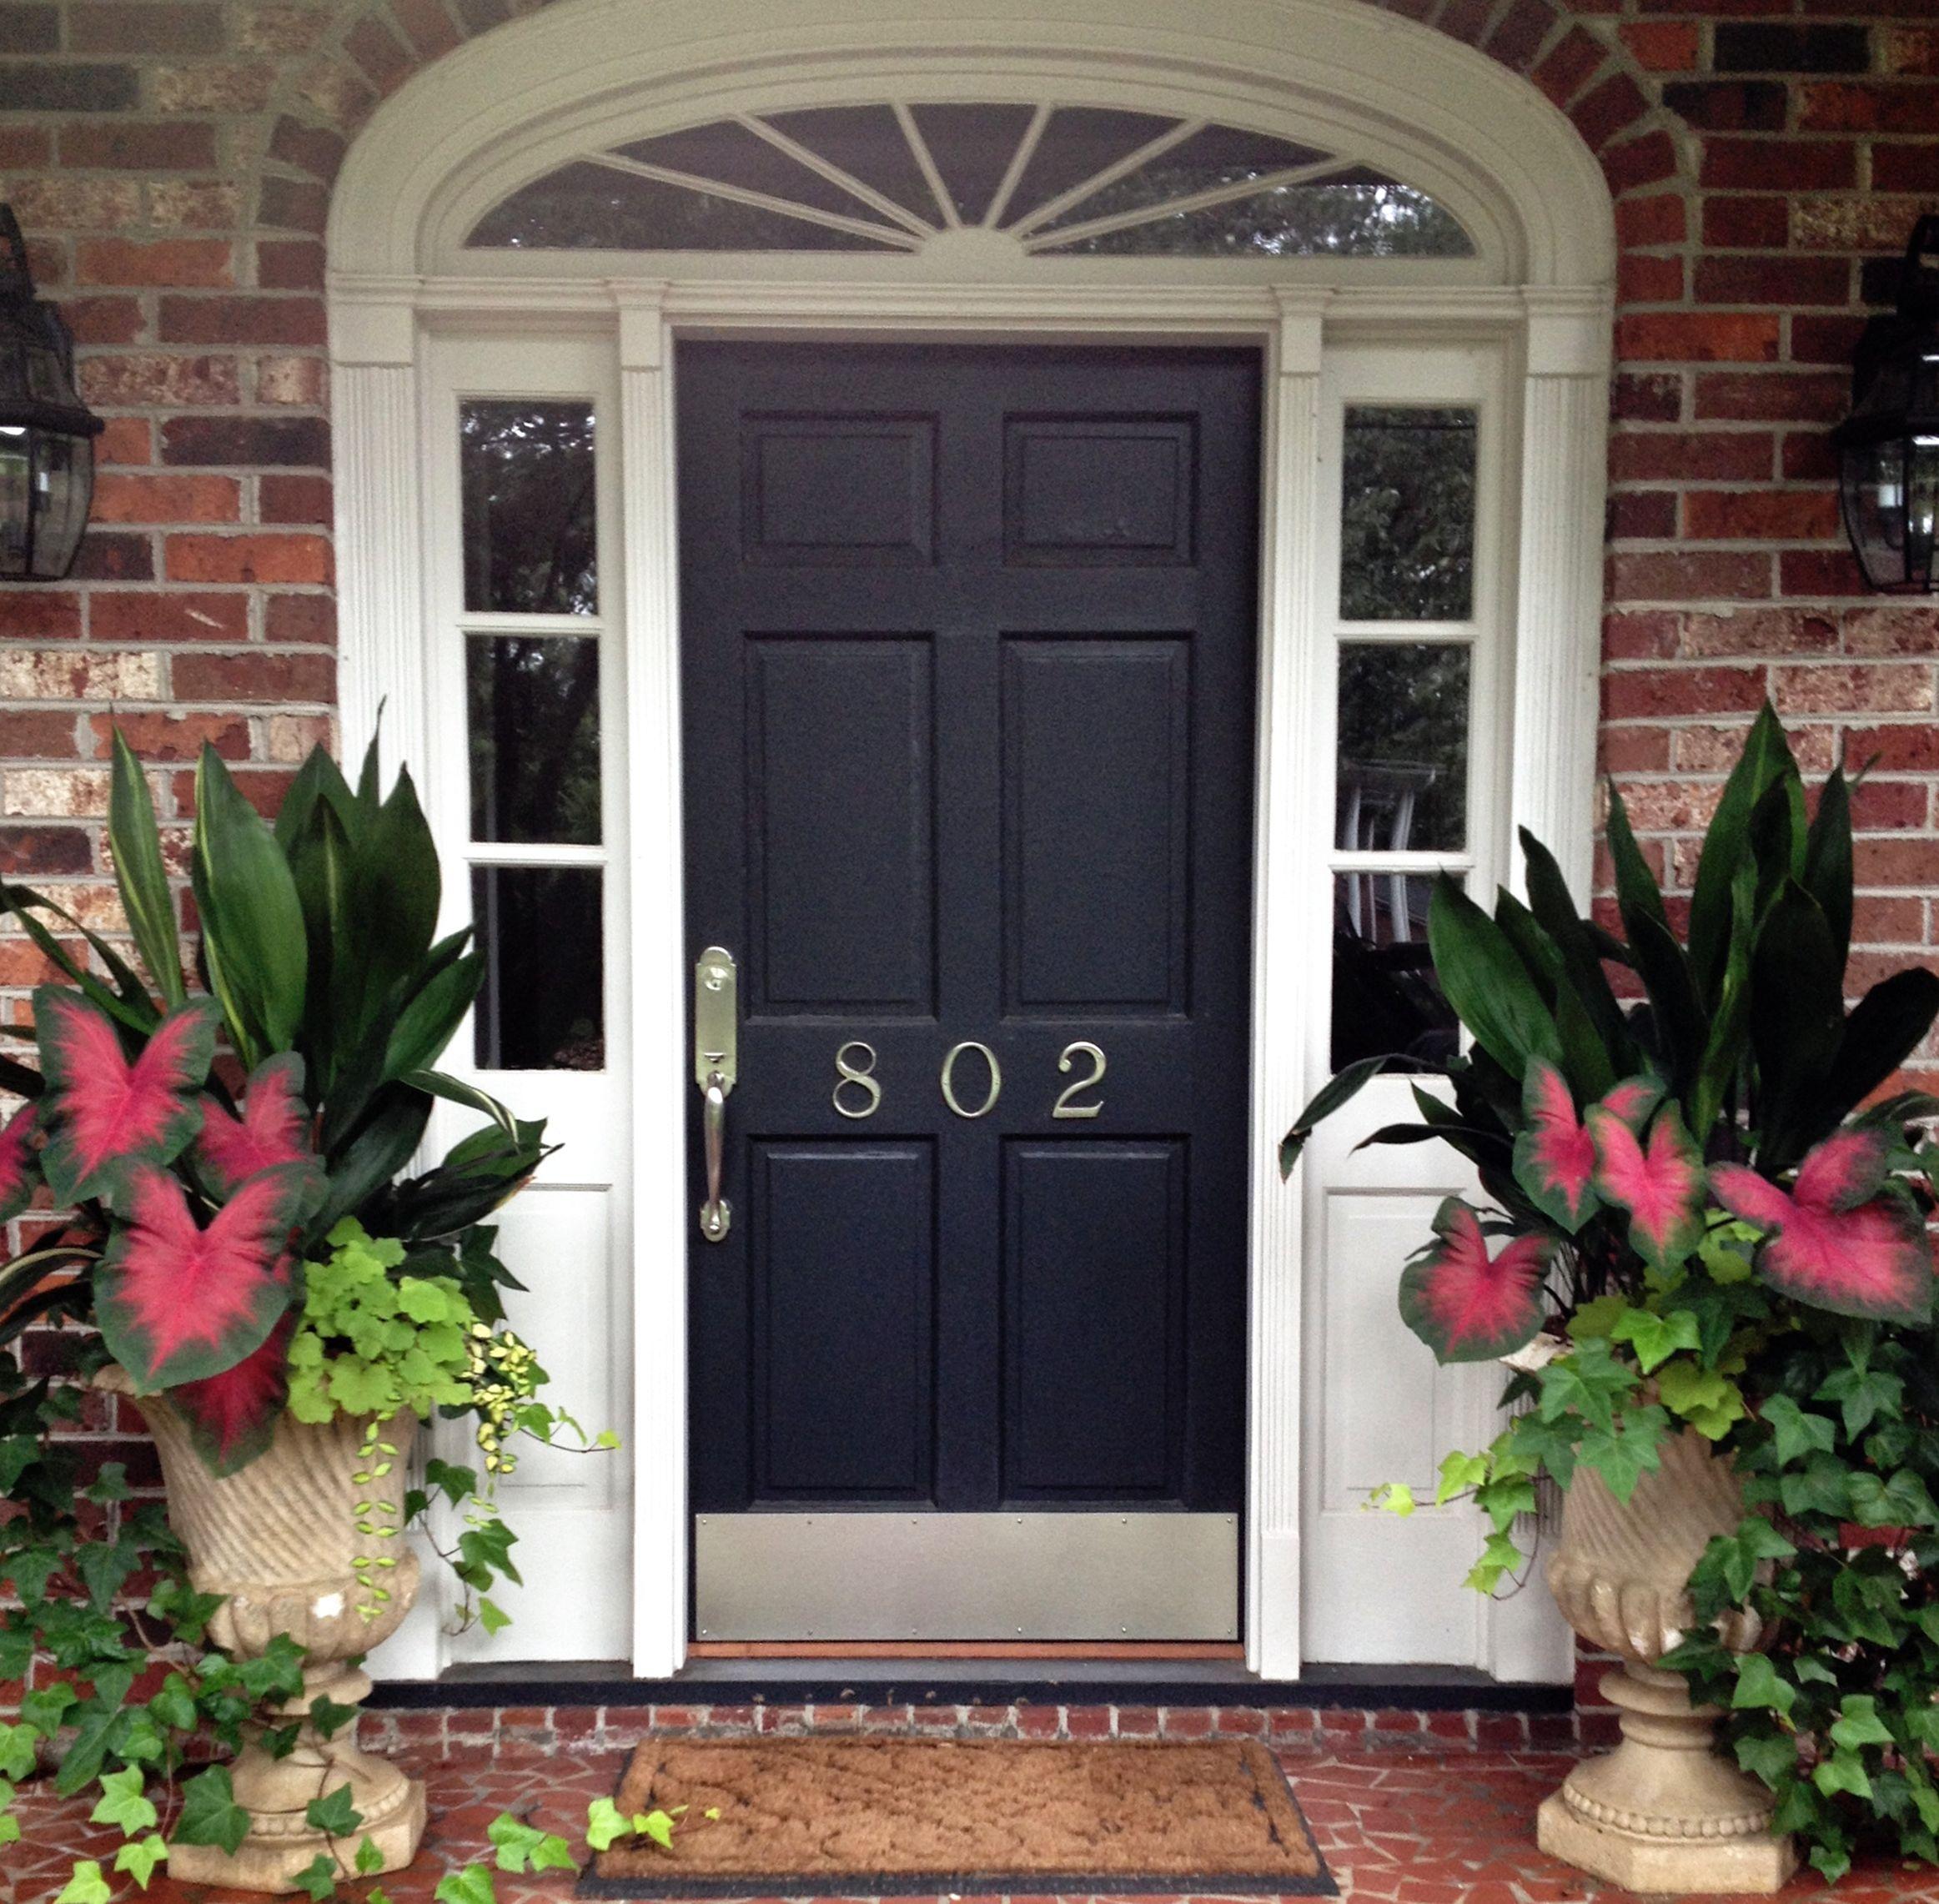 Front porch flower planter ideas 10 front porch flower for Planter ideas for front of house